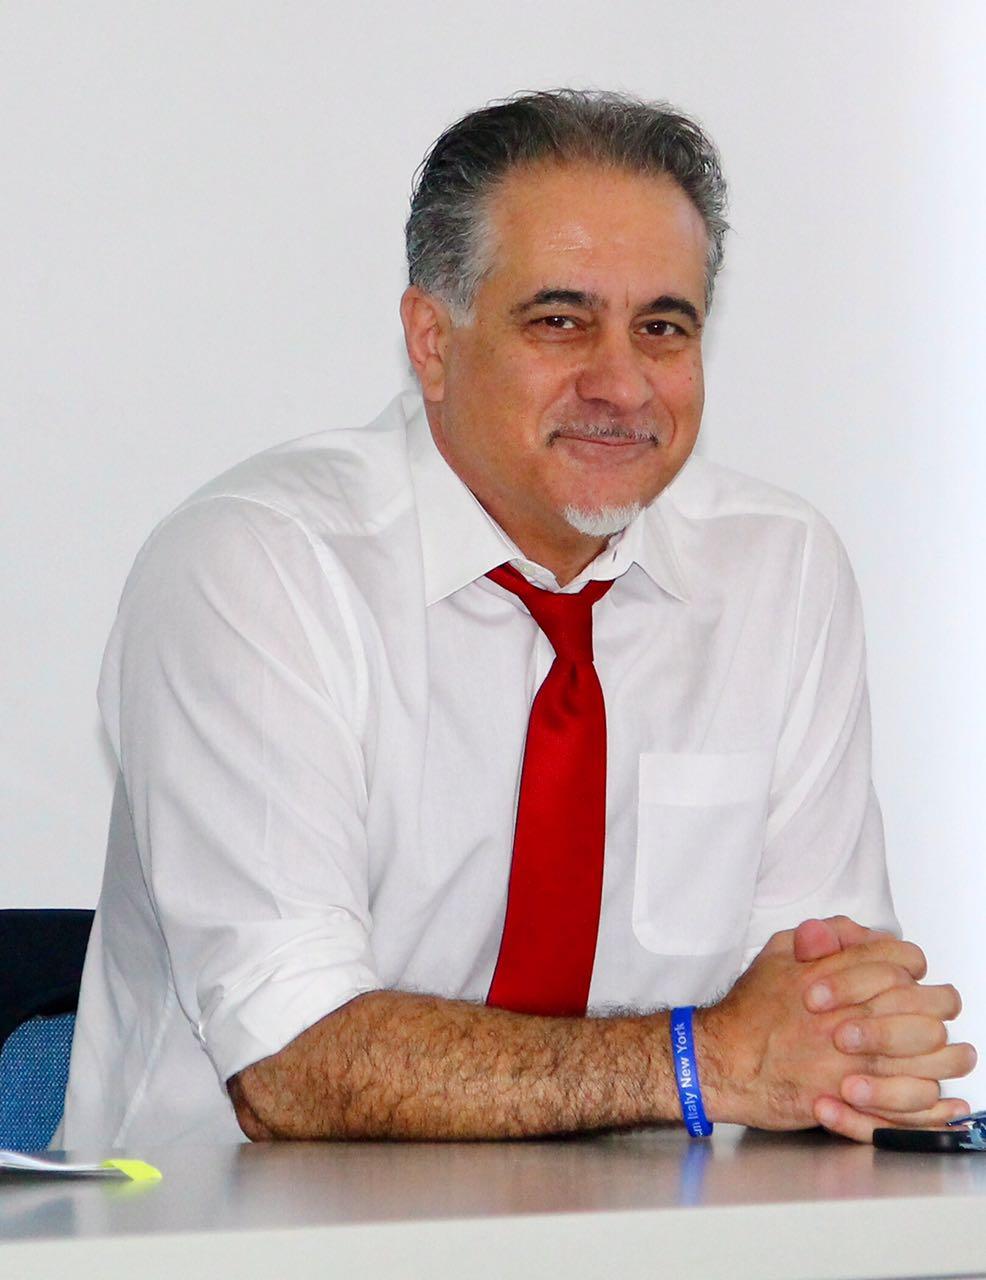 Massimo Veccia